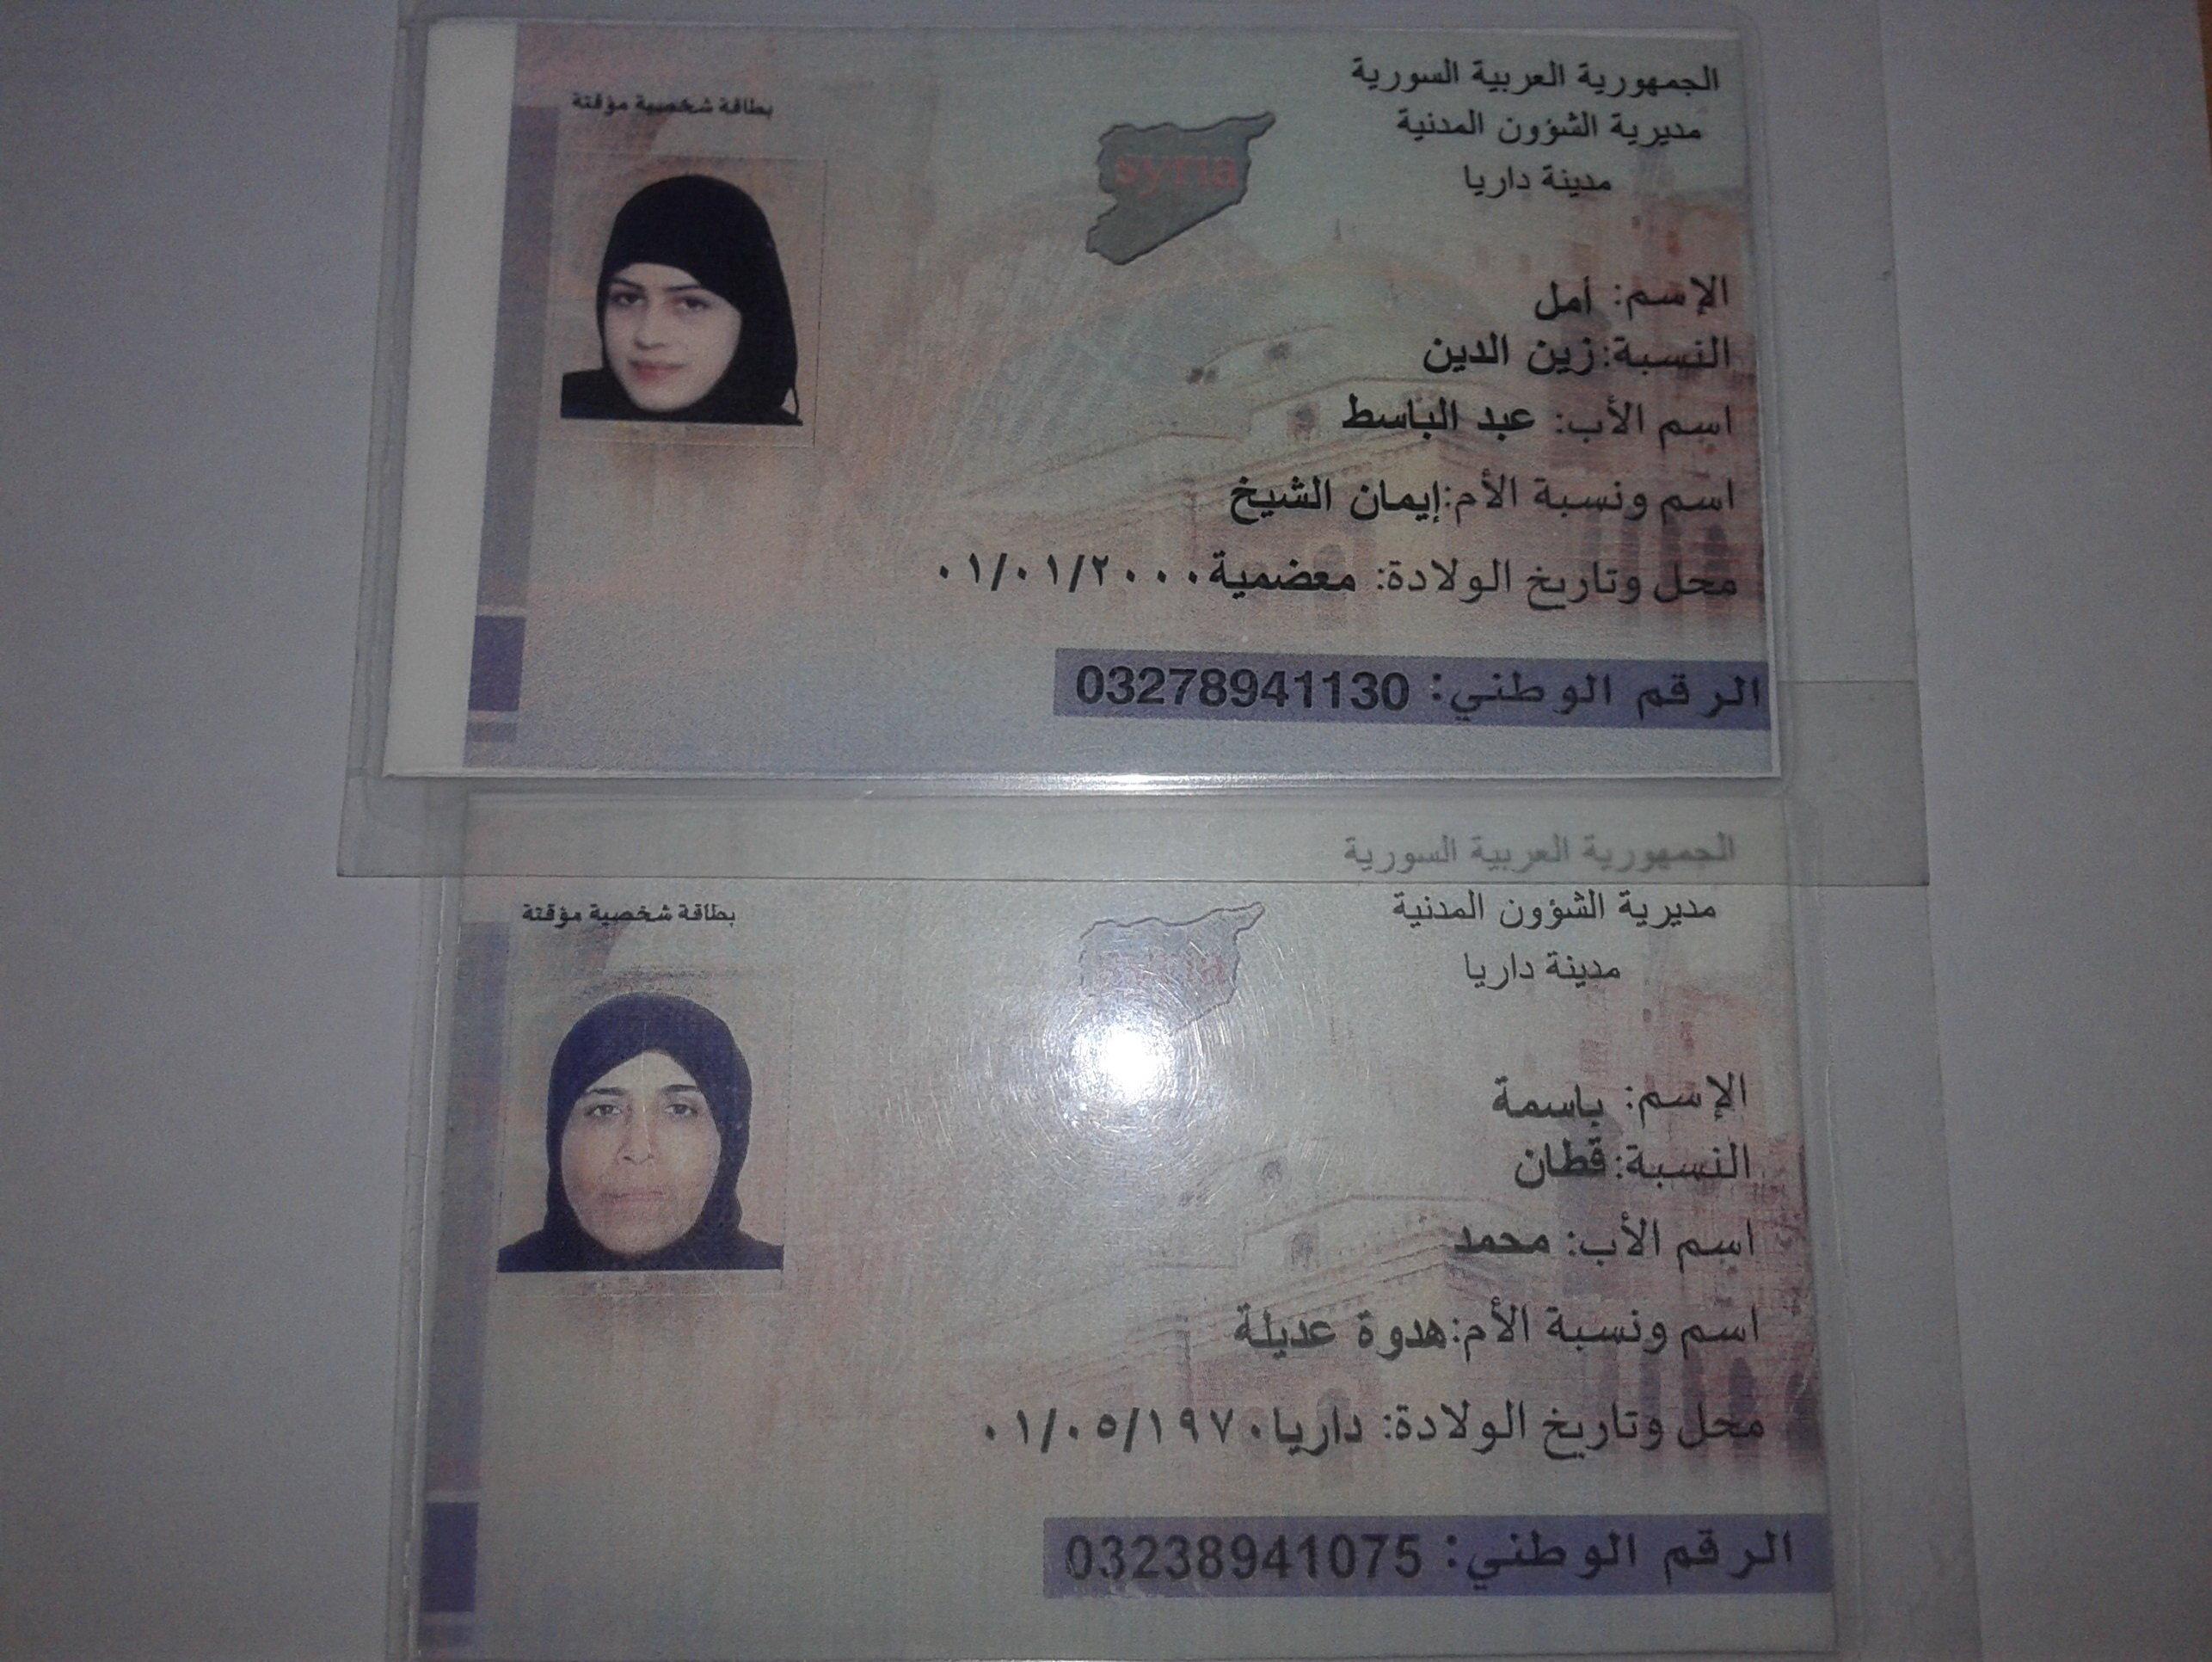 Des passeports conçus pas les militants anti-Assad